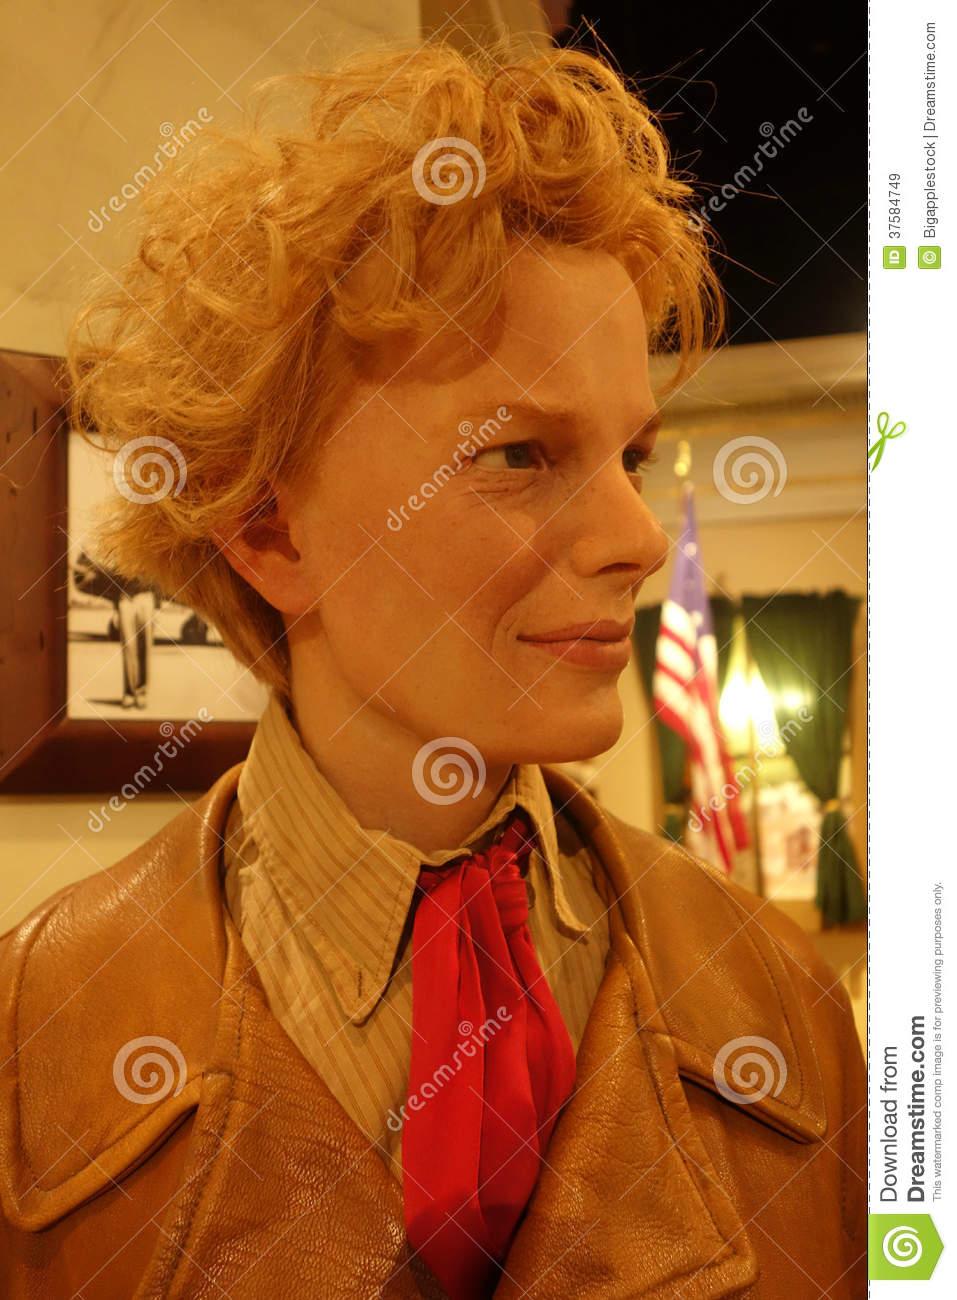 Amelia Earhart Wax Figure Editorial Stock Image.